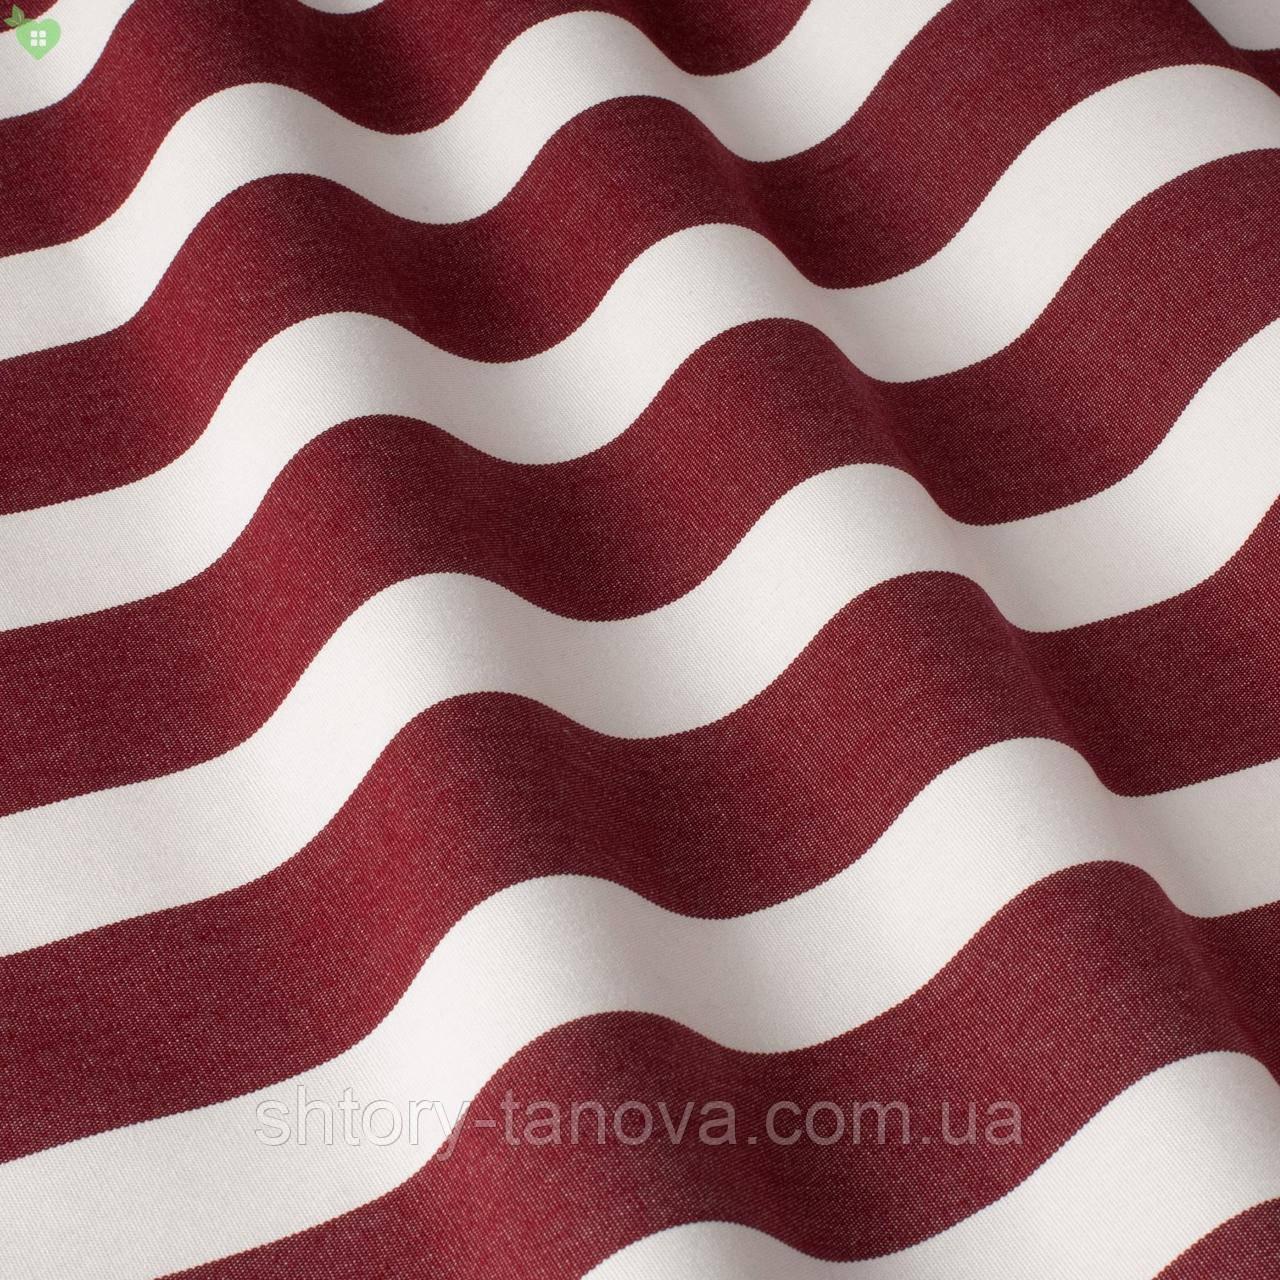 Вулична декоративна тканина для подушок на вуличні меблі в смужку червоного і білого кольору